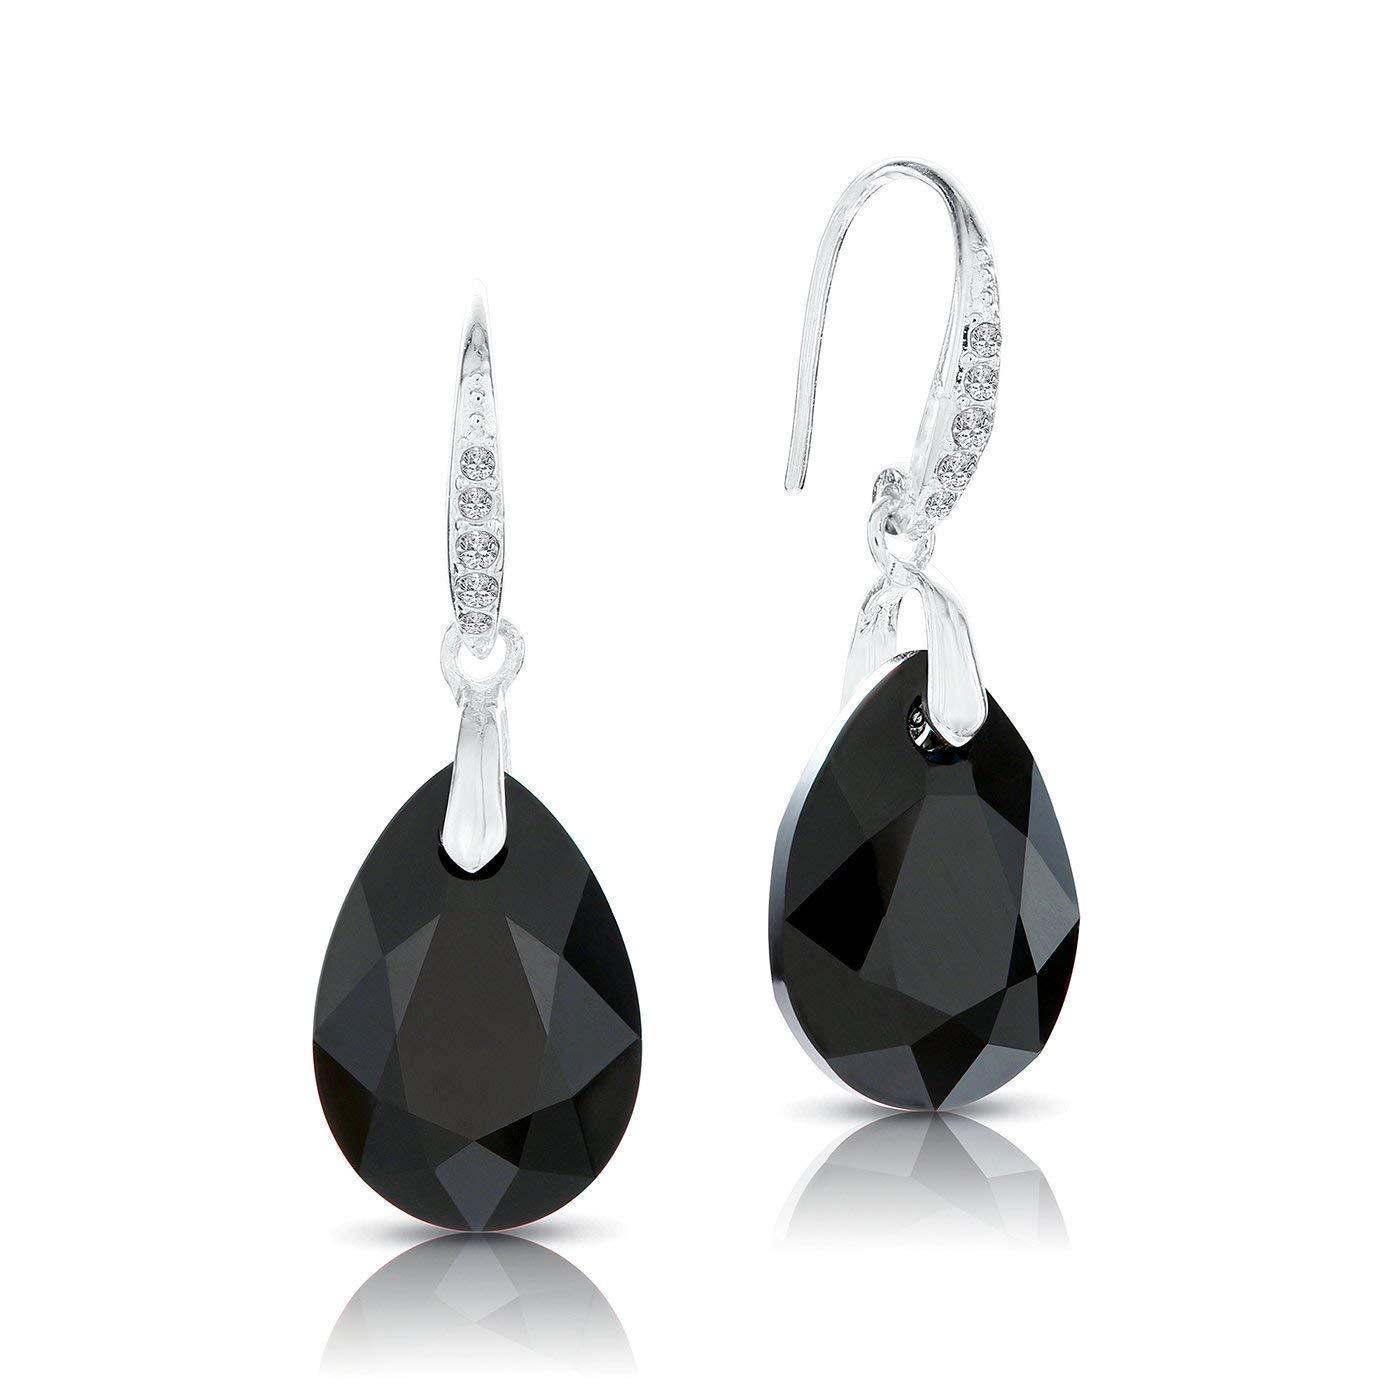 LA SENJA Pendientes de lágrima de cristal negro hechos a mano, pendientes de plata de ley 925